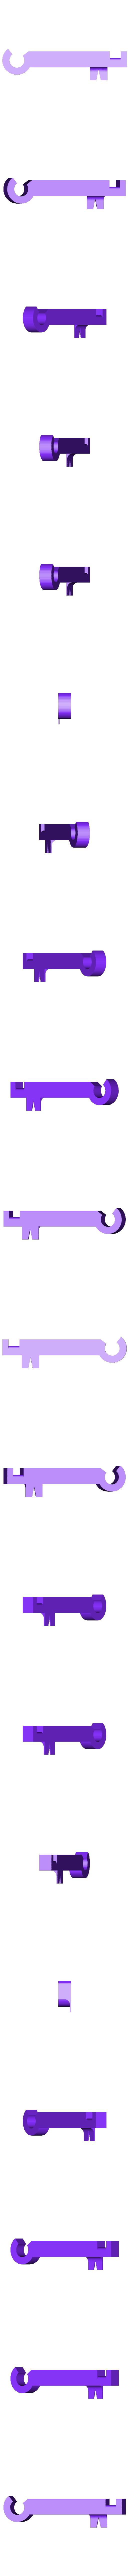 trigger_pull.stl Télécharger fichier STL gratuit Joystick PS4 • Design à imprimer en 3D, Osichan